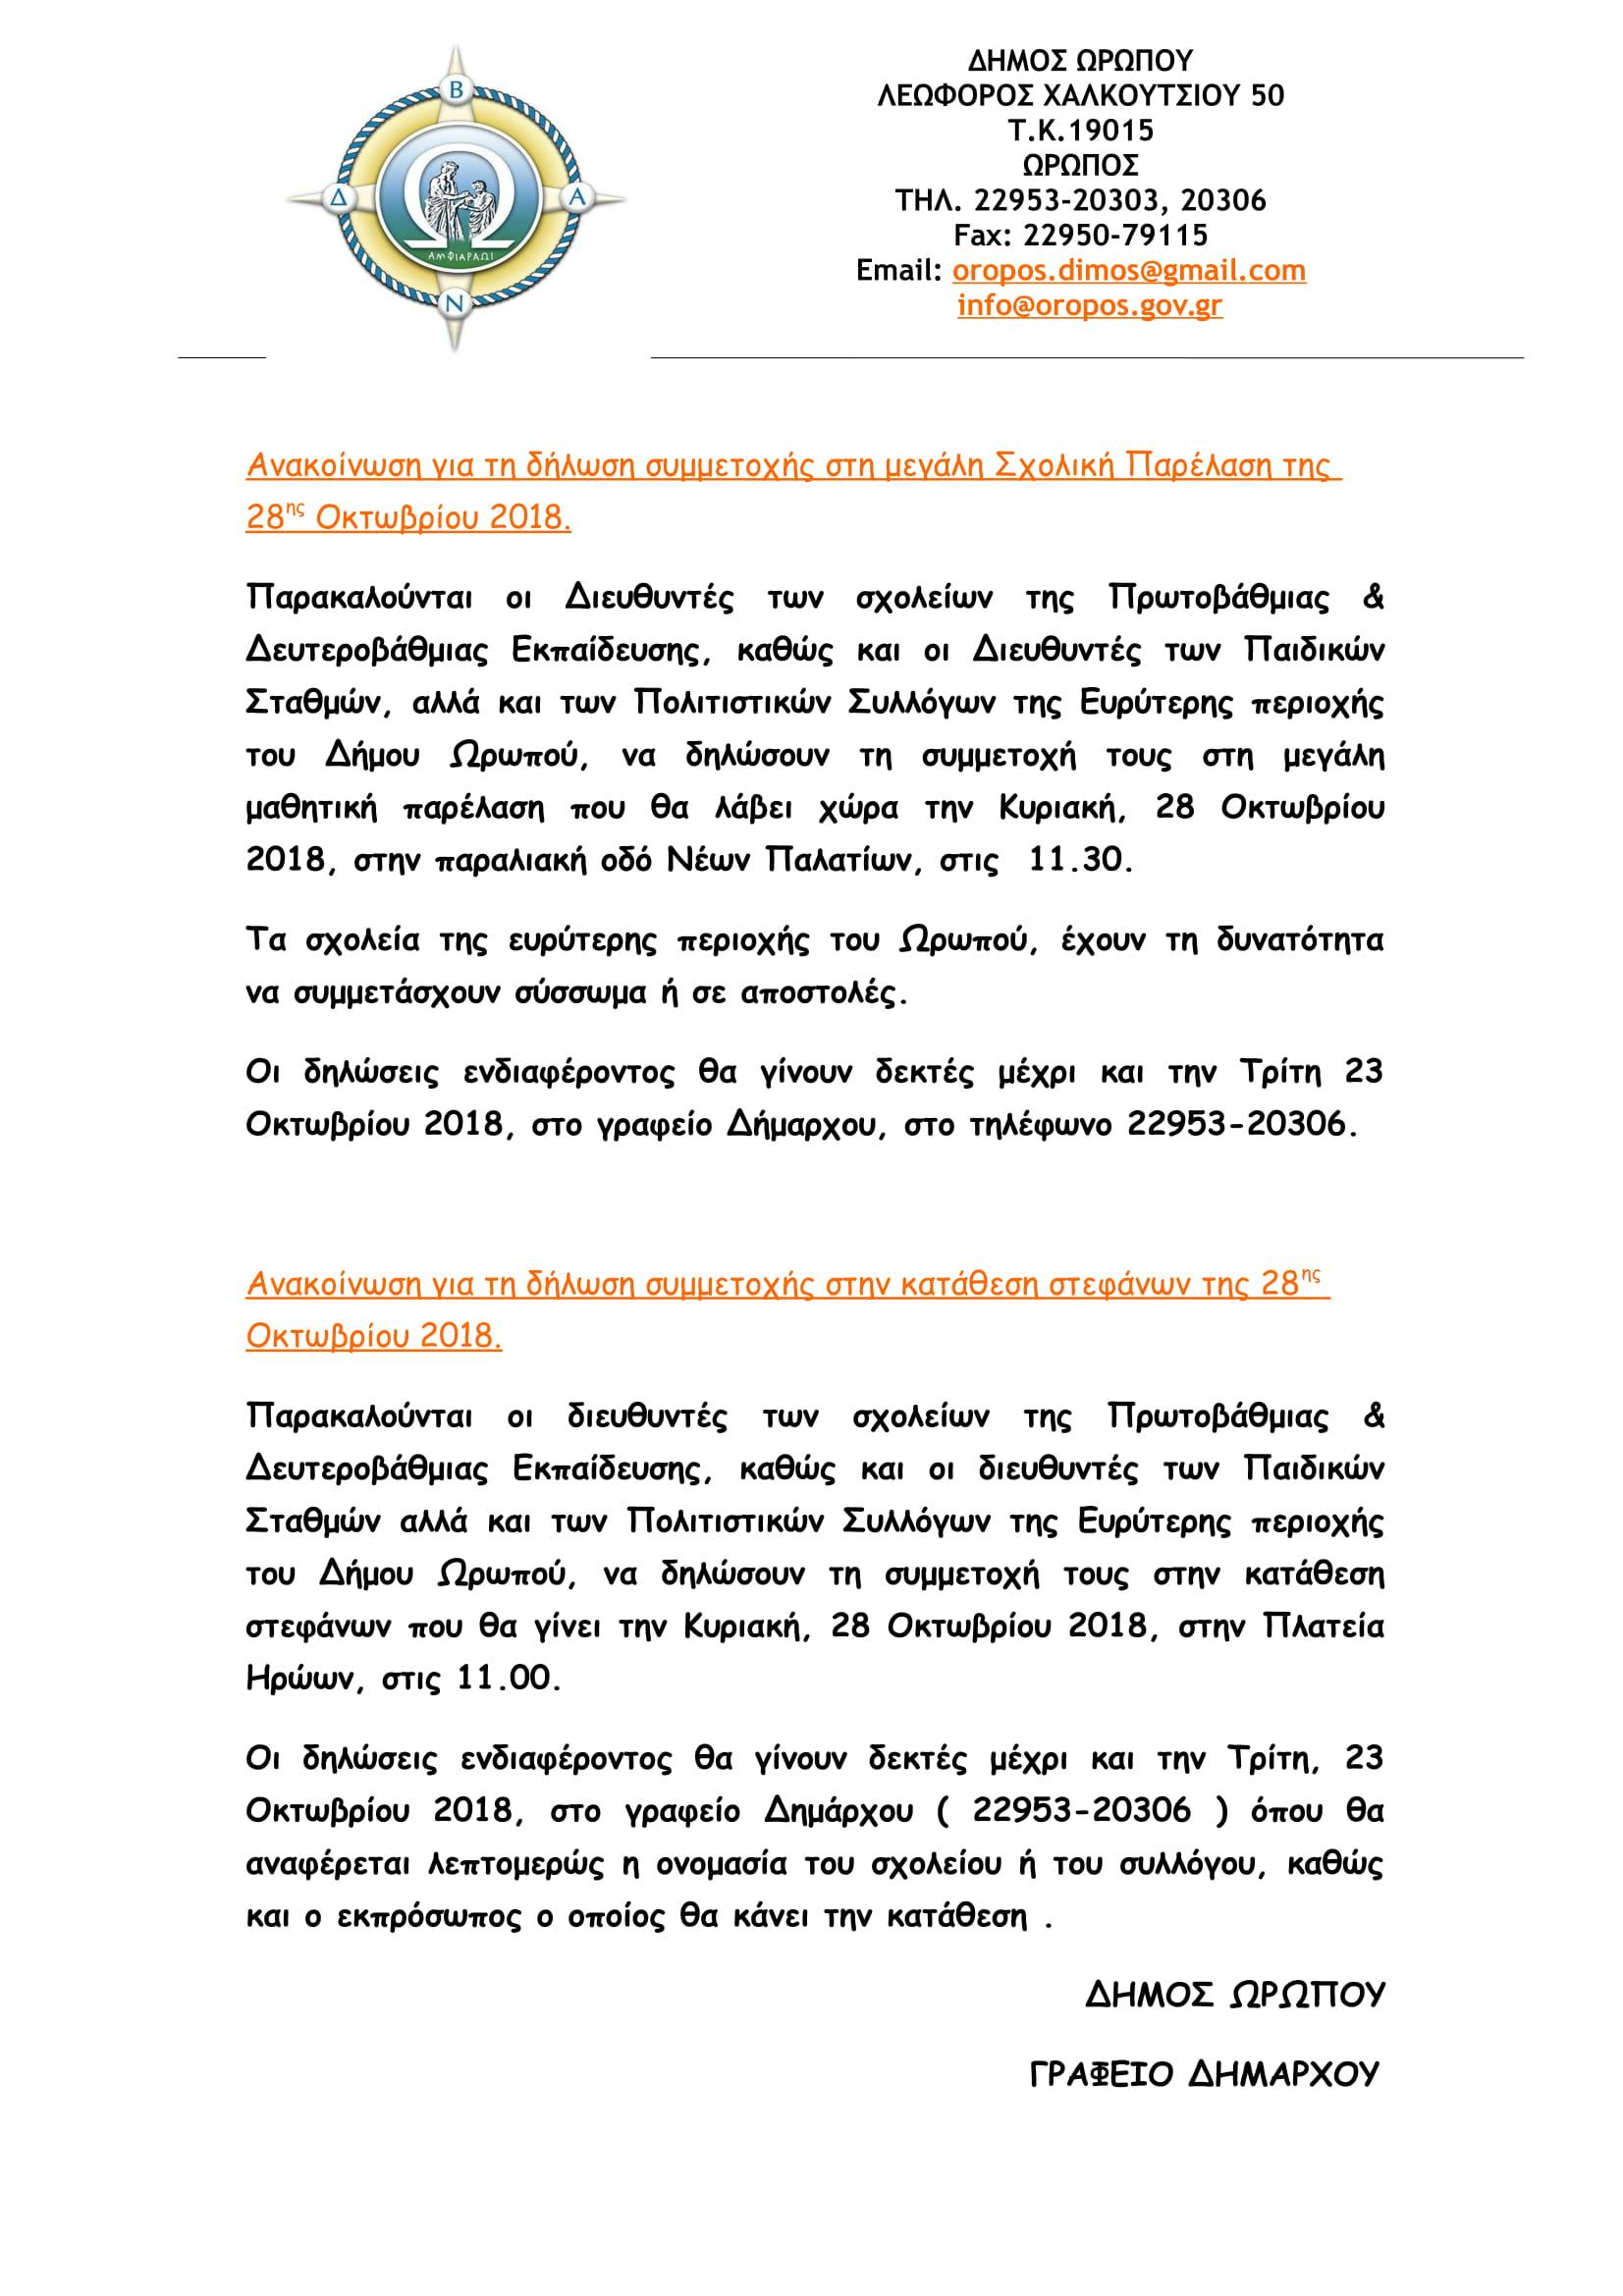 http://oropos.gov.gr/images/stories/nea/2018_dt/anakoinosi_summetoxis_28_oktobriou_2018.jpg